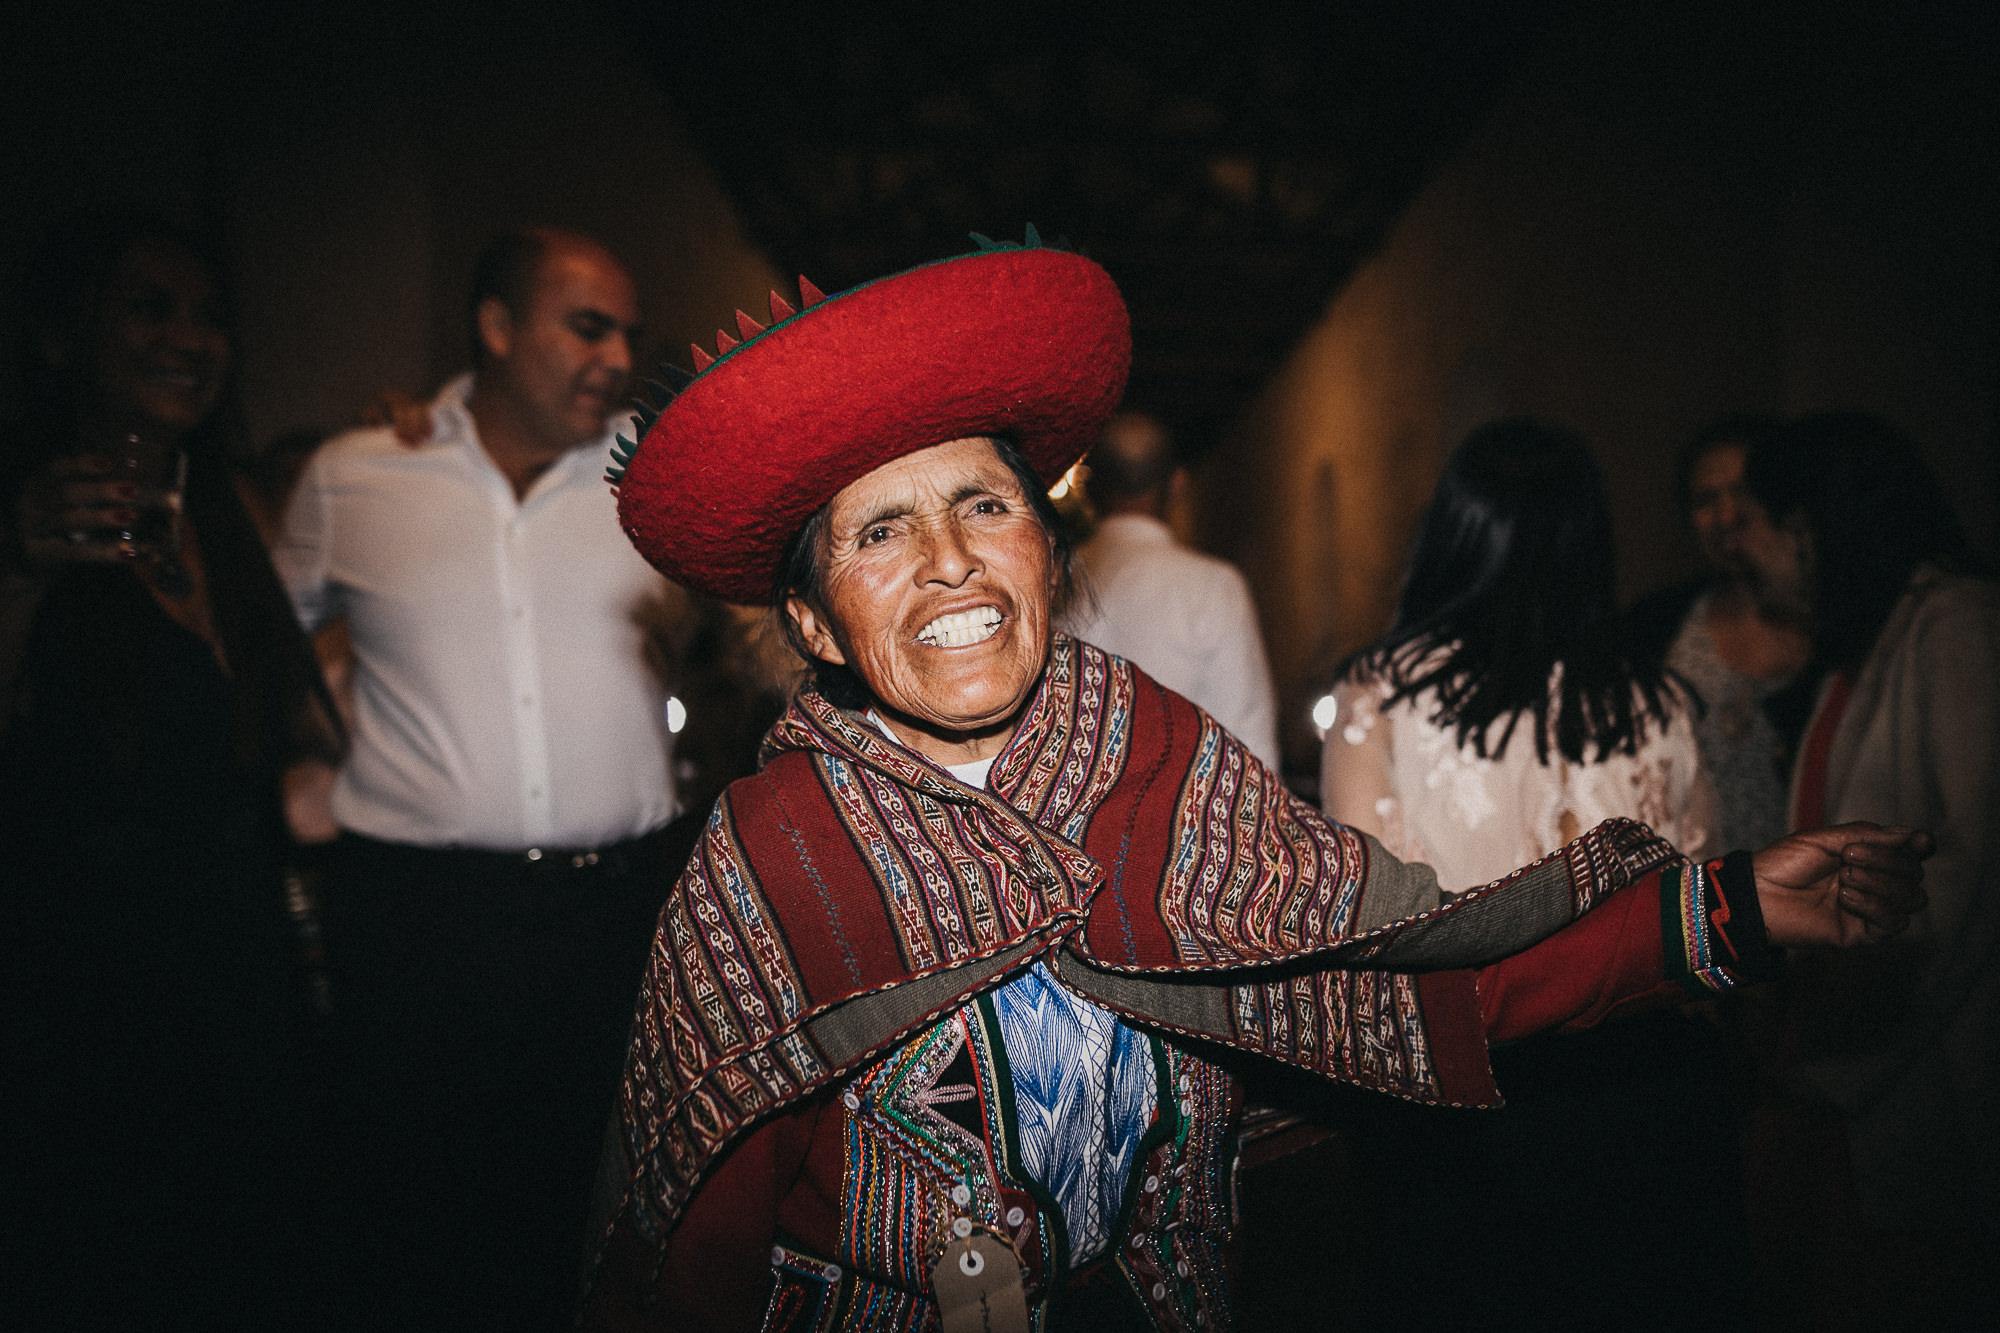 Fotografo de bodas españa serafin castillo wedding photographer spain 999.jpg